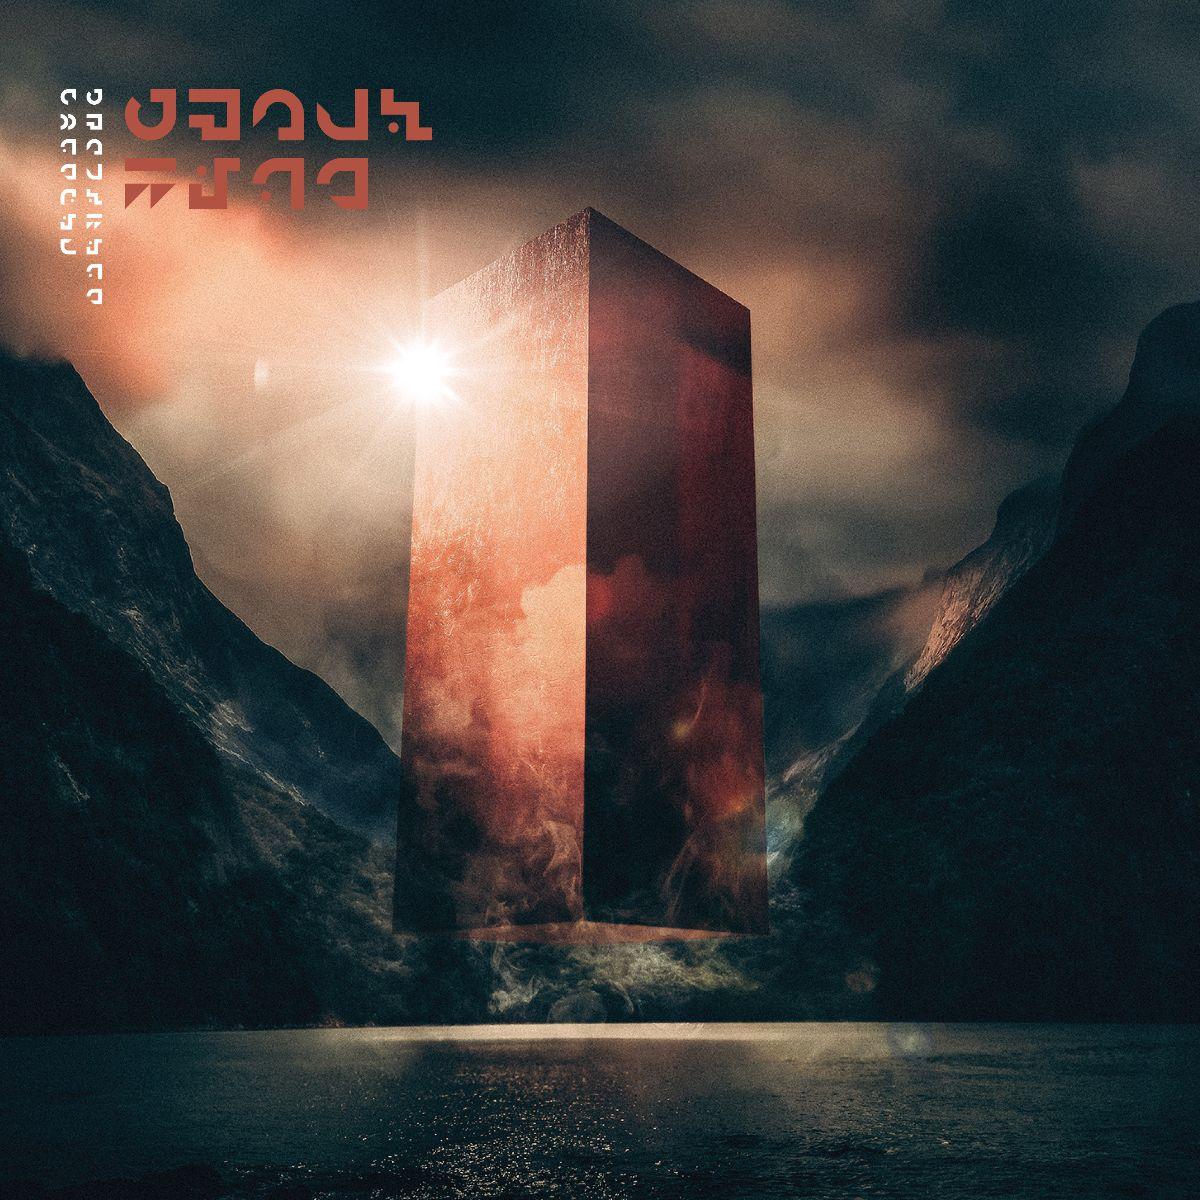 澳洲墨爾本死核樂團 Gravemind 釋出新曲影音 Phantom Pain 1